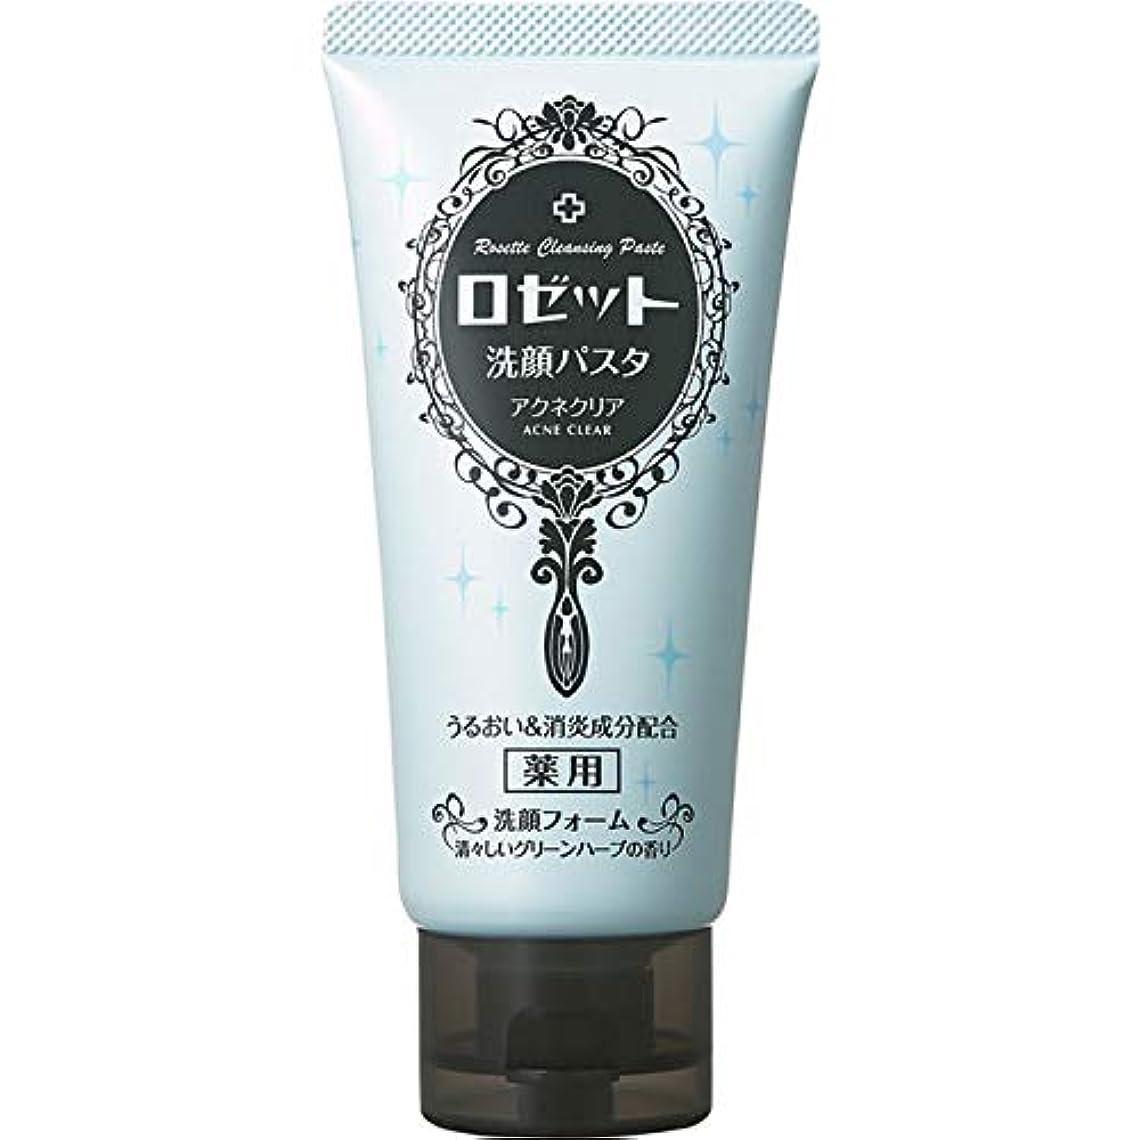 忘れっぽいハグ雑多なロゼット ロゼット洗顔パスタ アクネクリア 120g (医薬部外品)